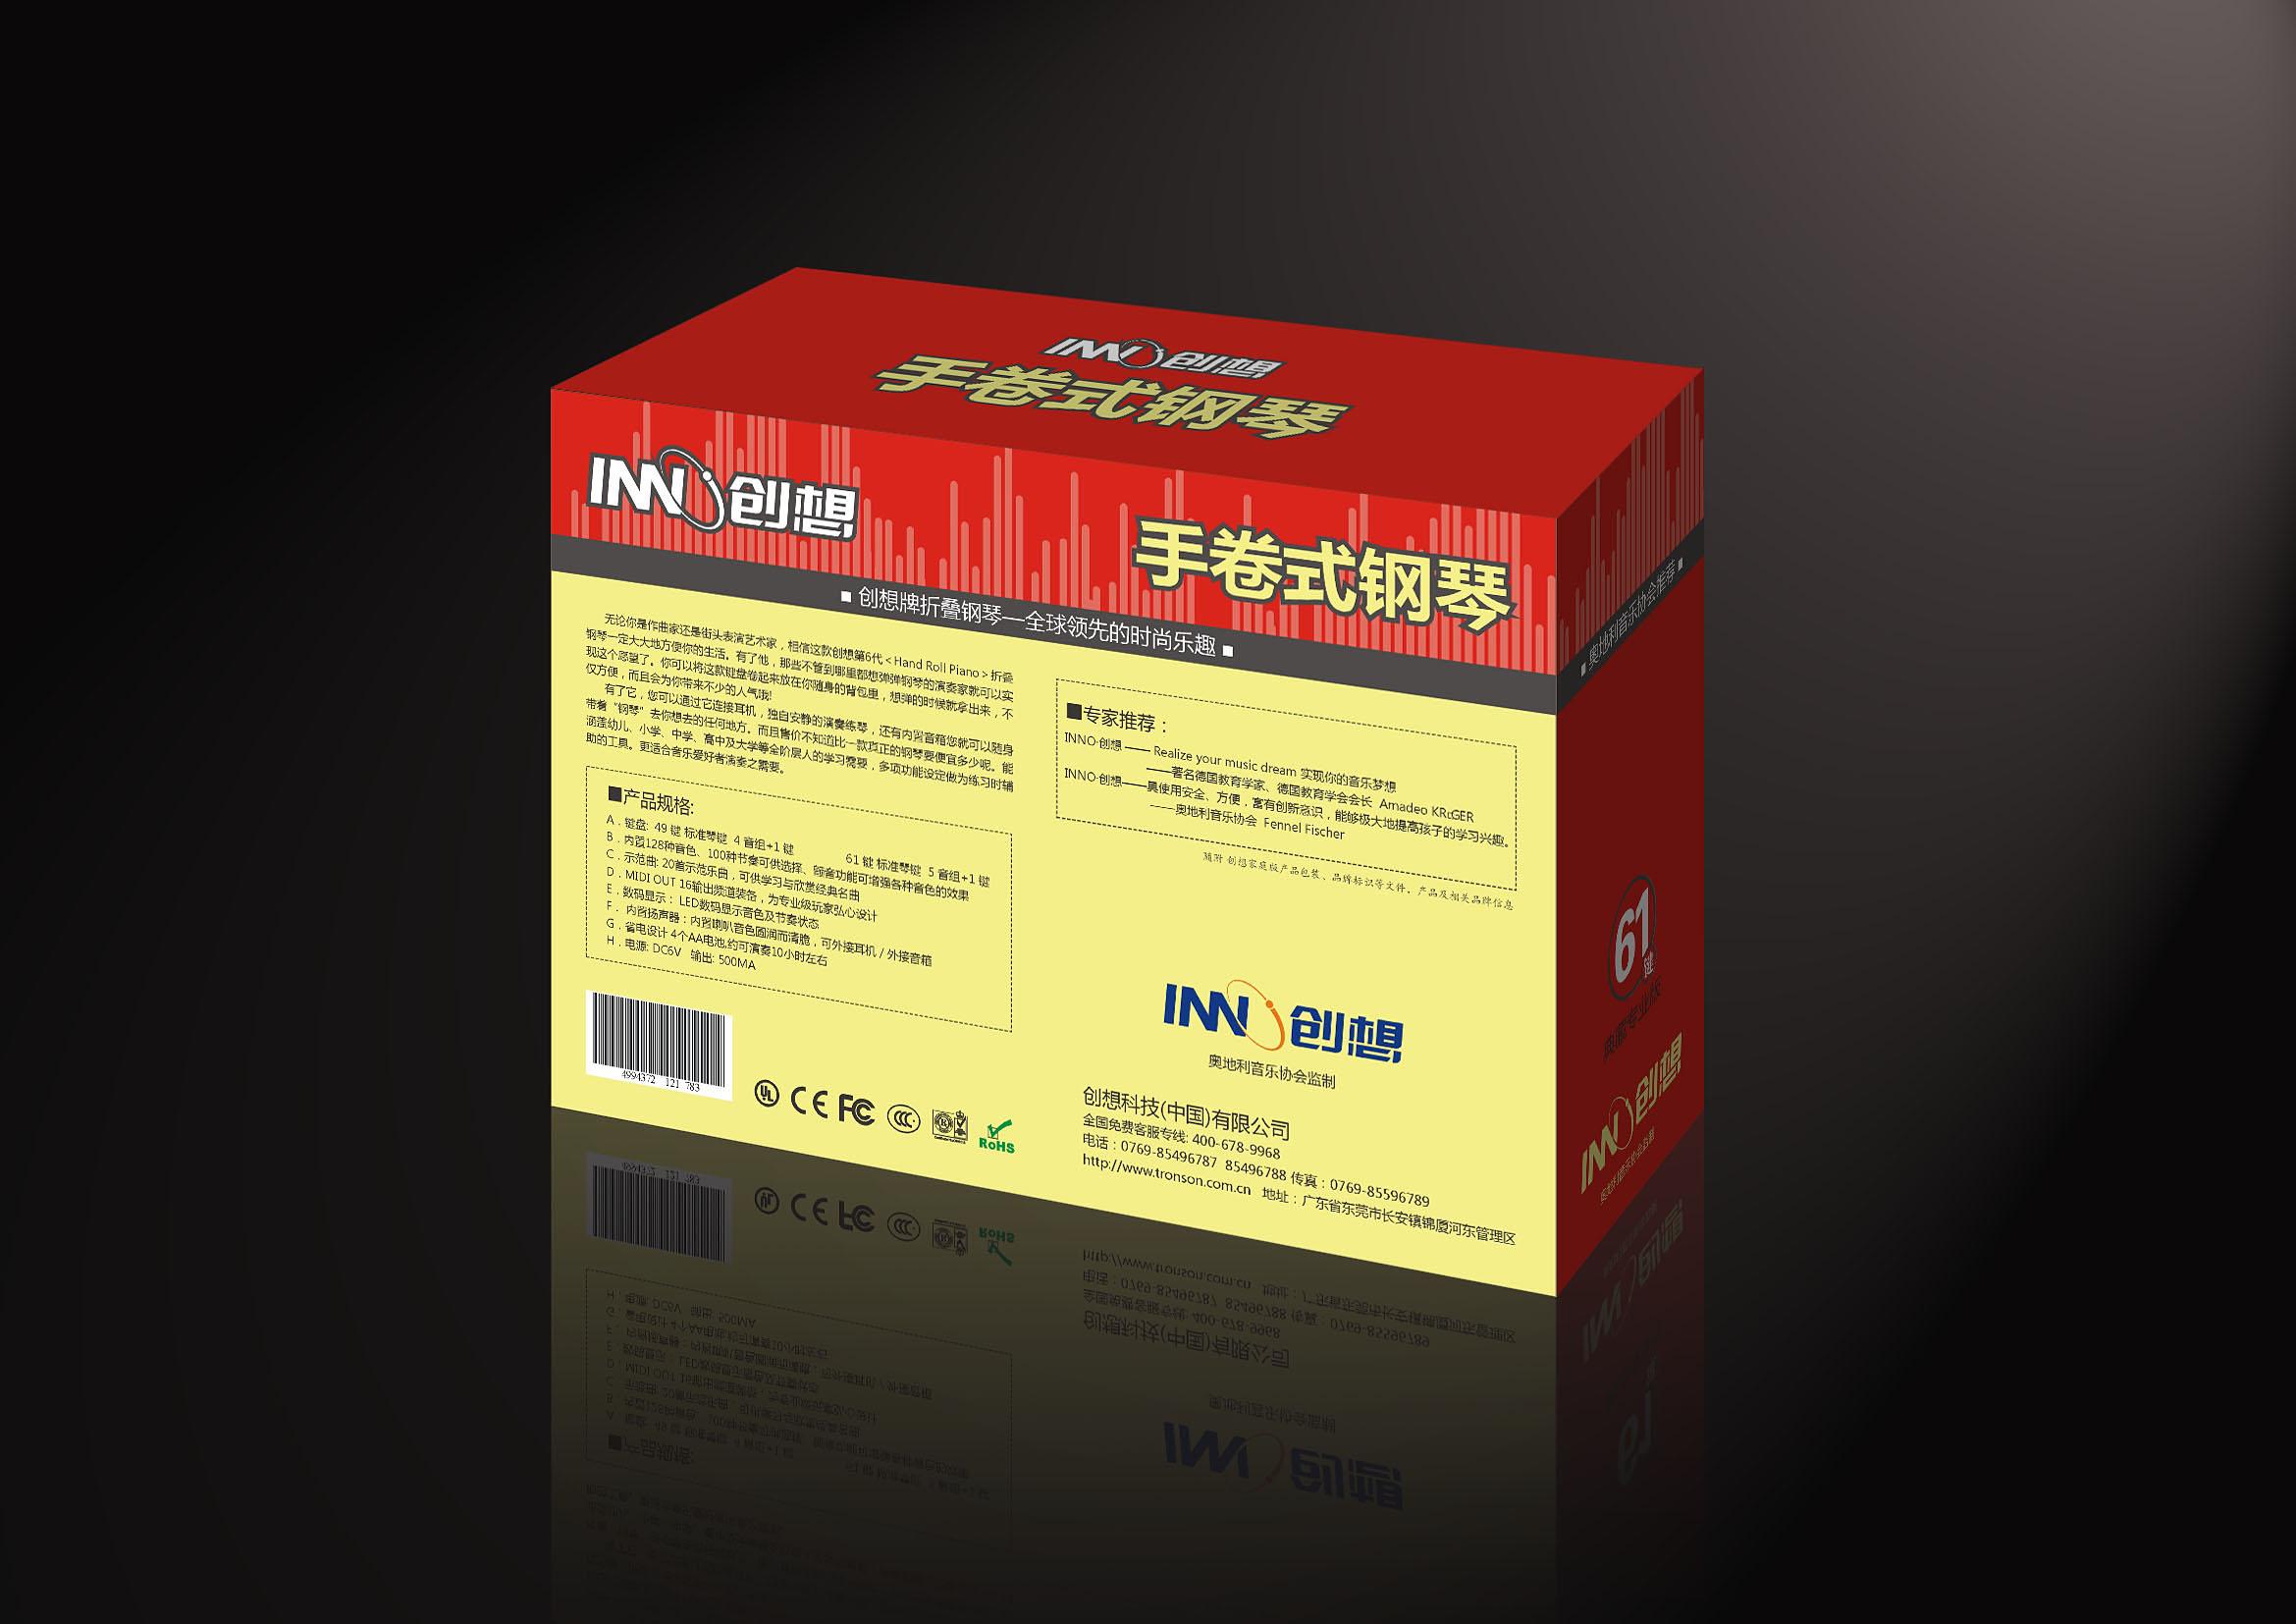 电子琴产品包装盒设计